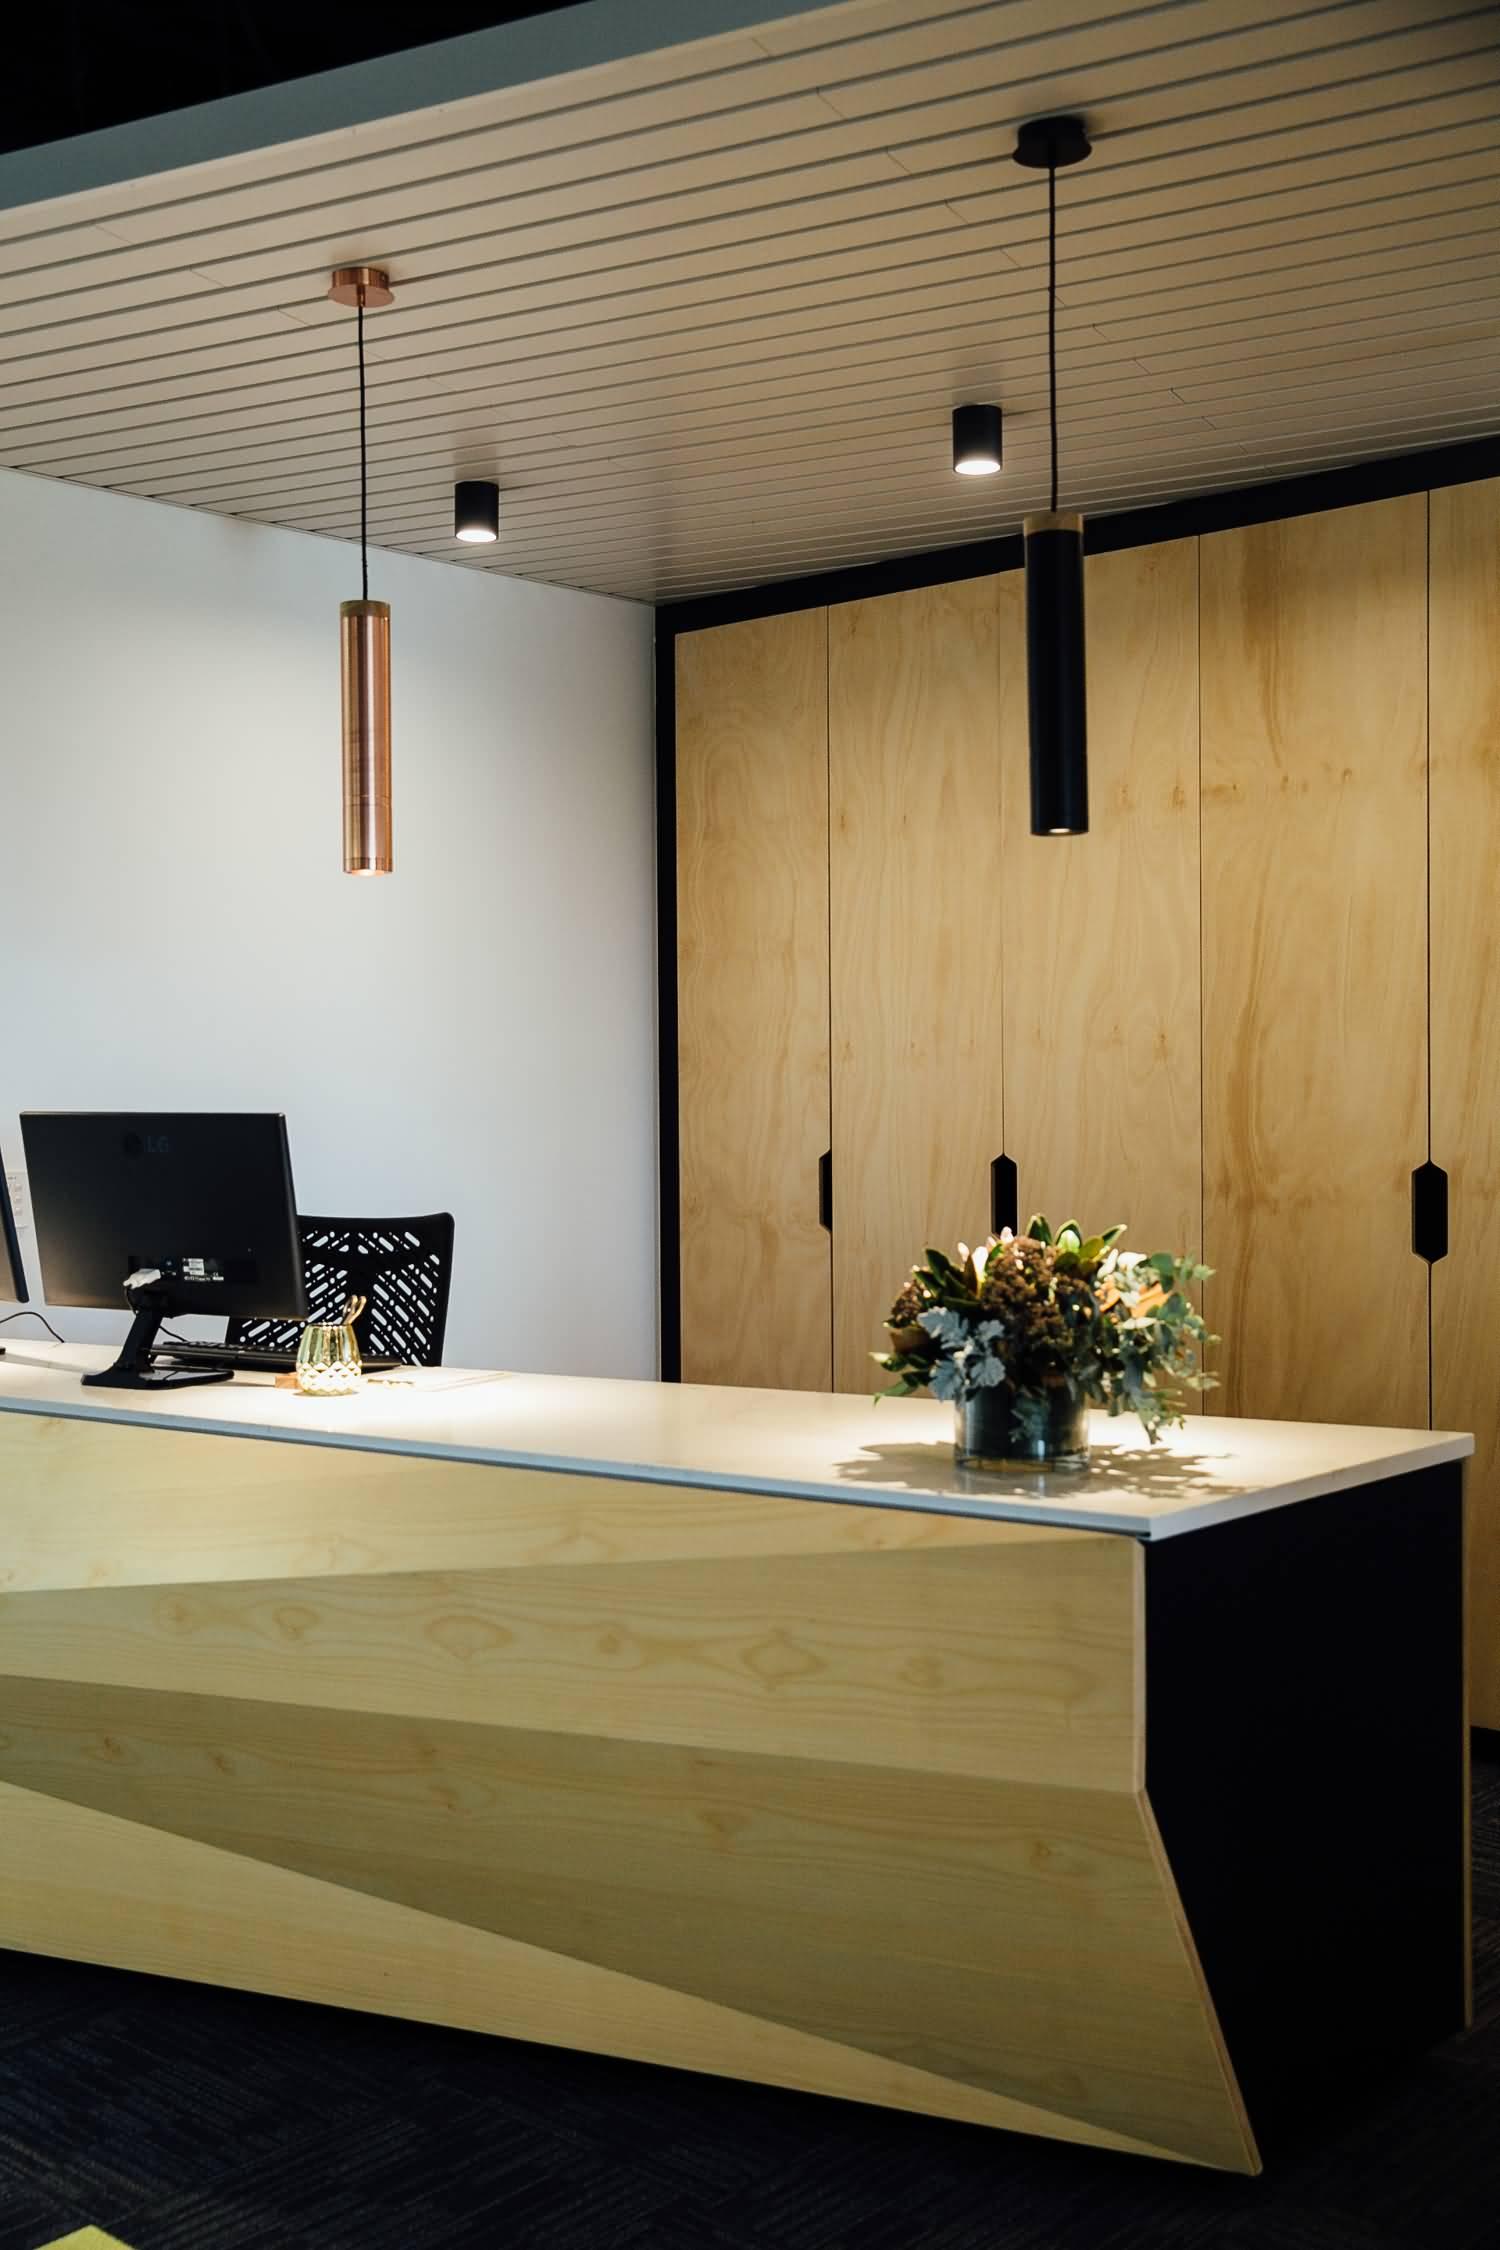 Guymer-bailey-architects-inbox-workspace-interiors-06.JPG